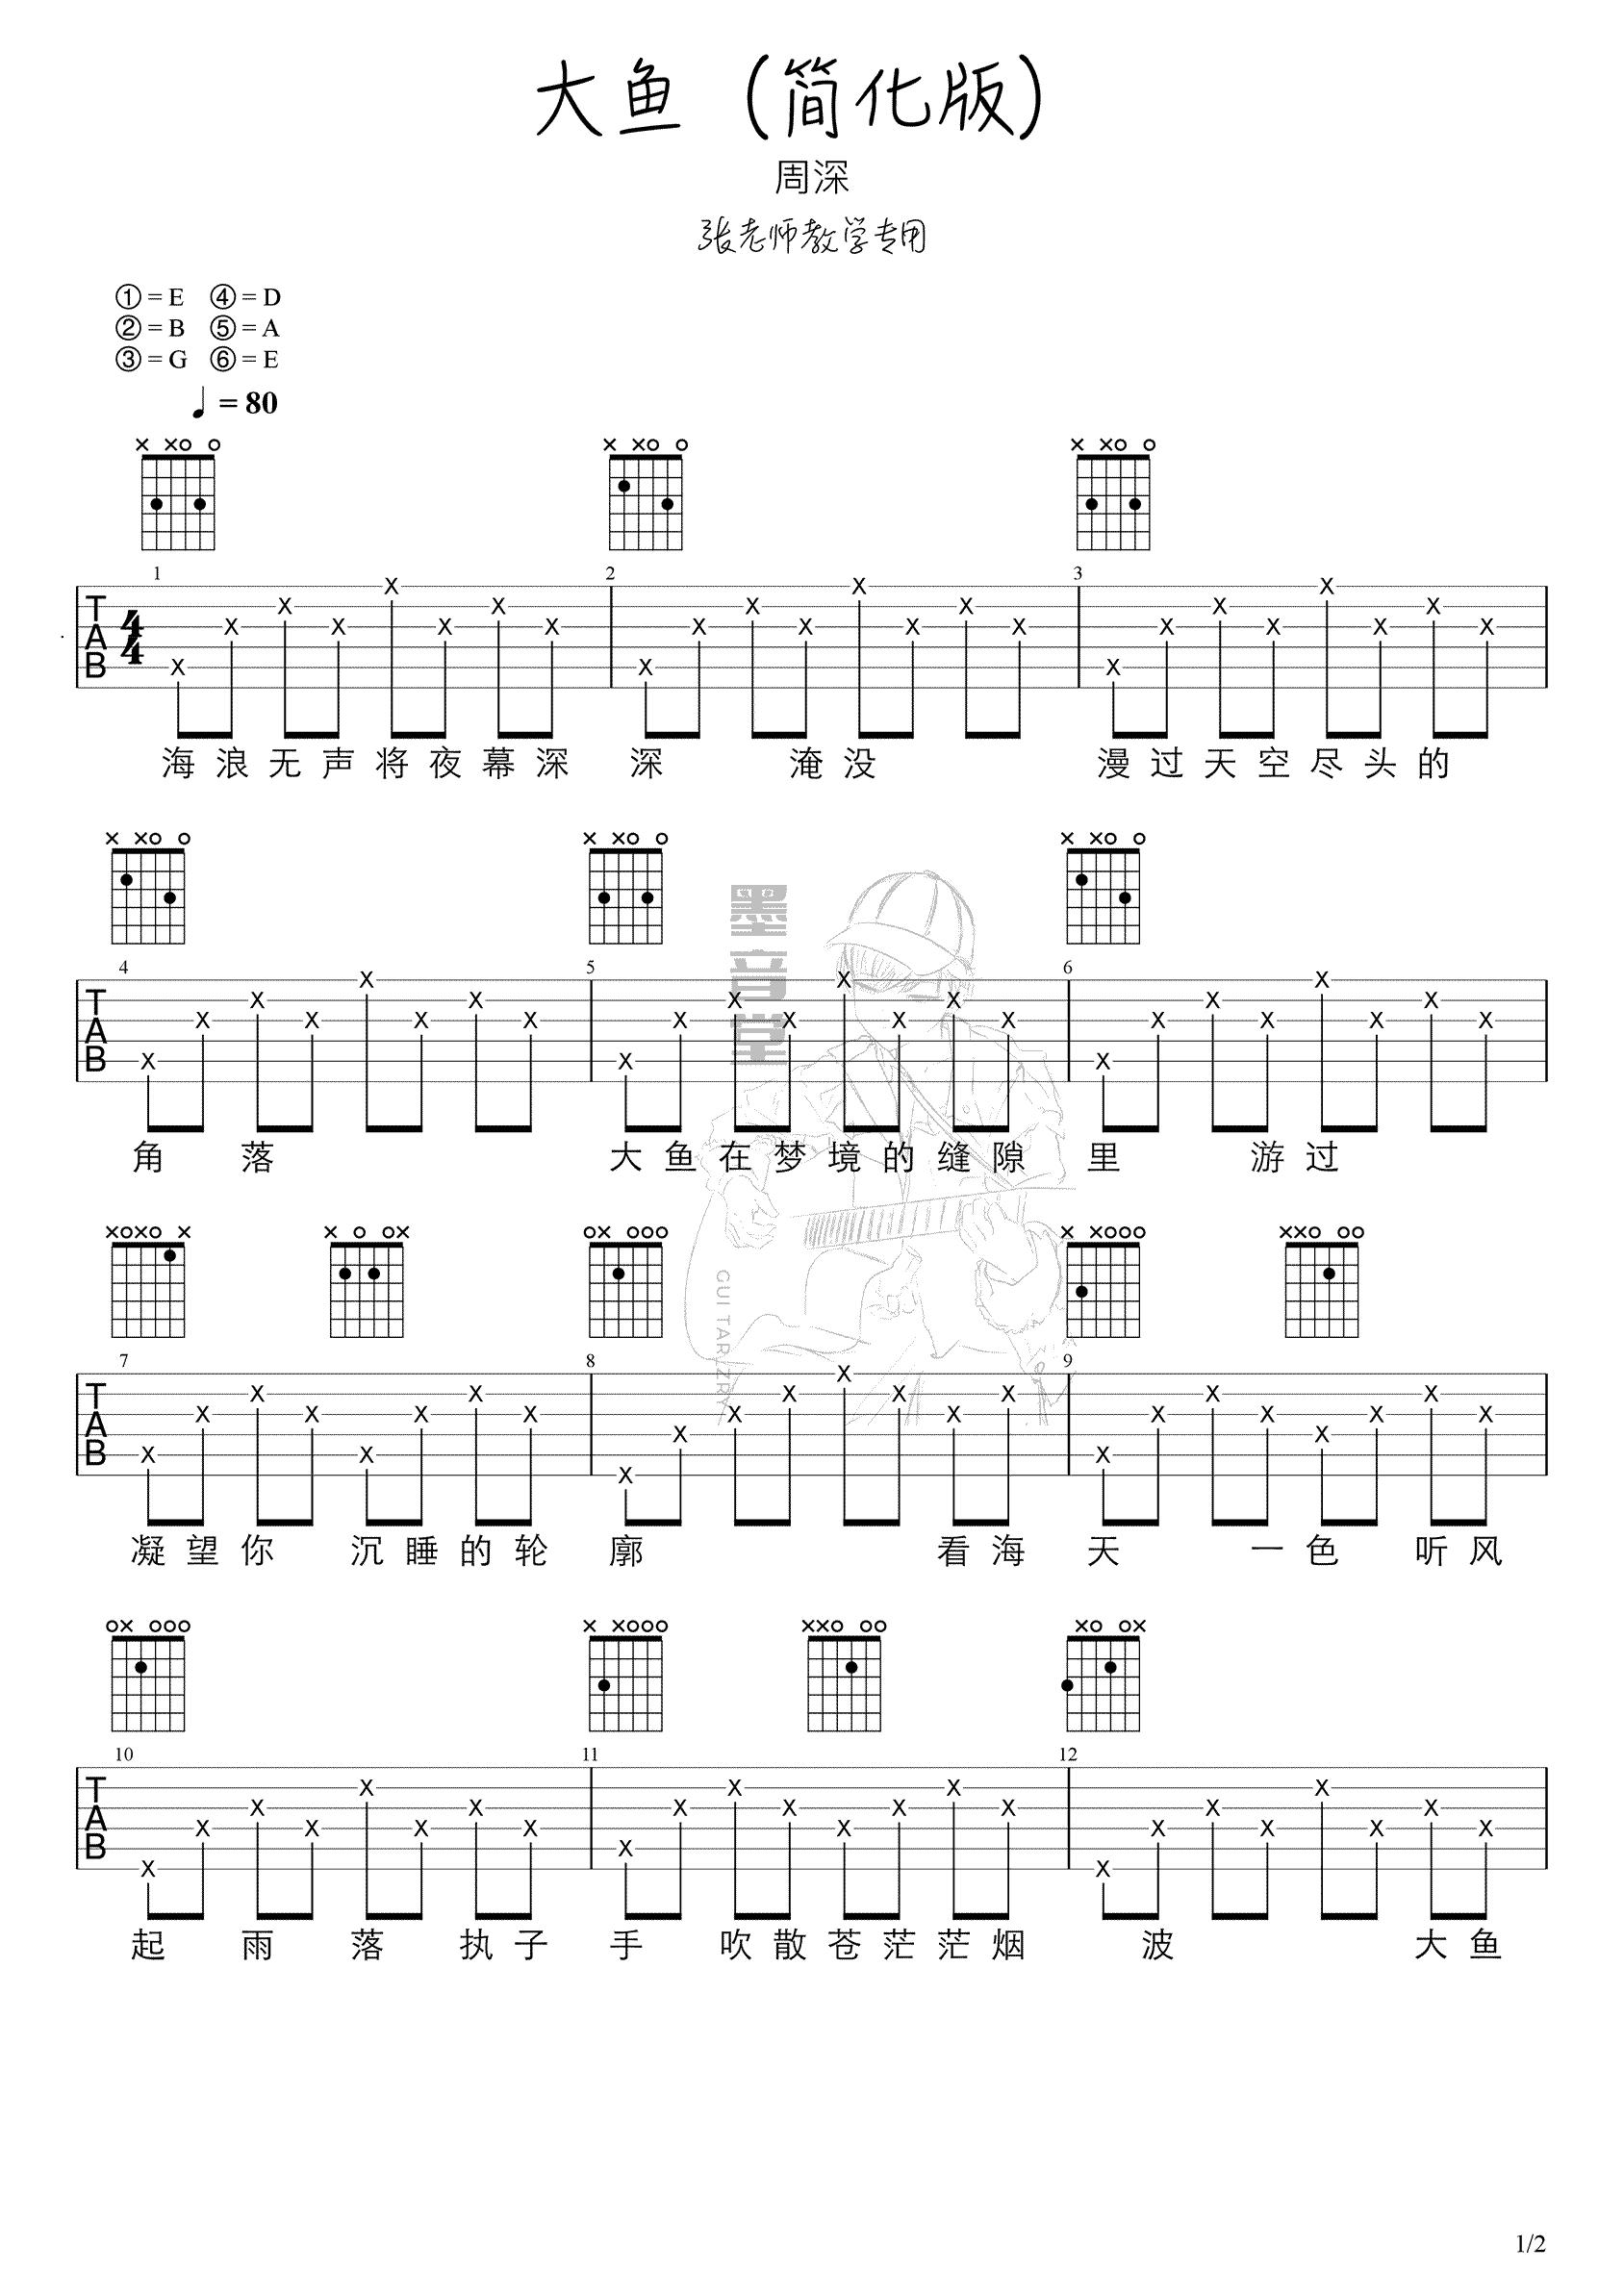 周深《大鱼》吉他谱-简化版-1